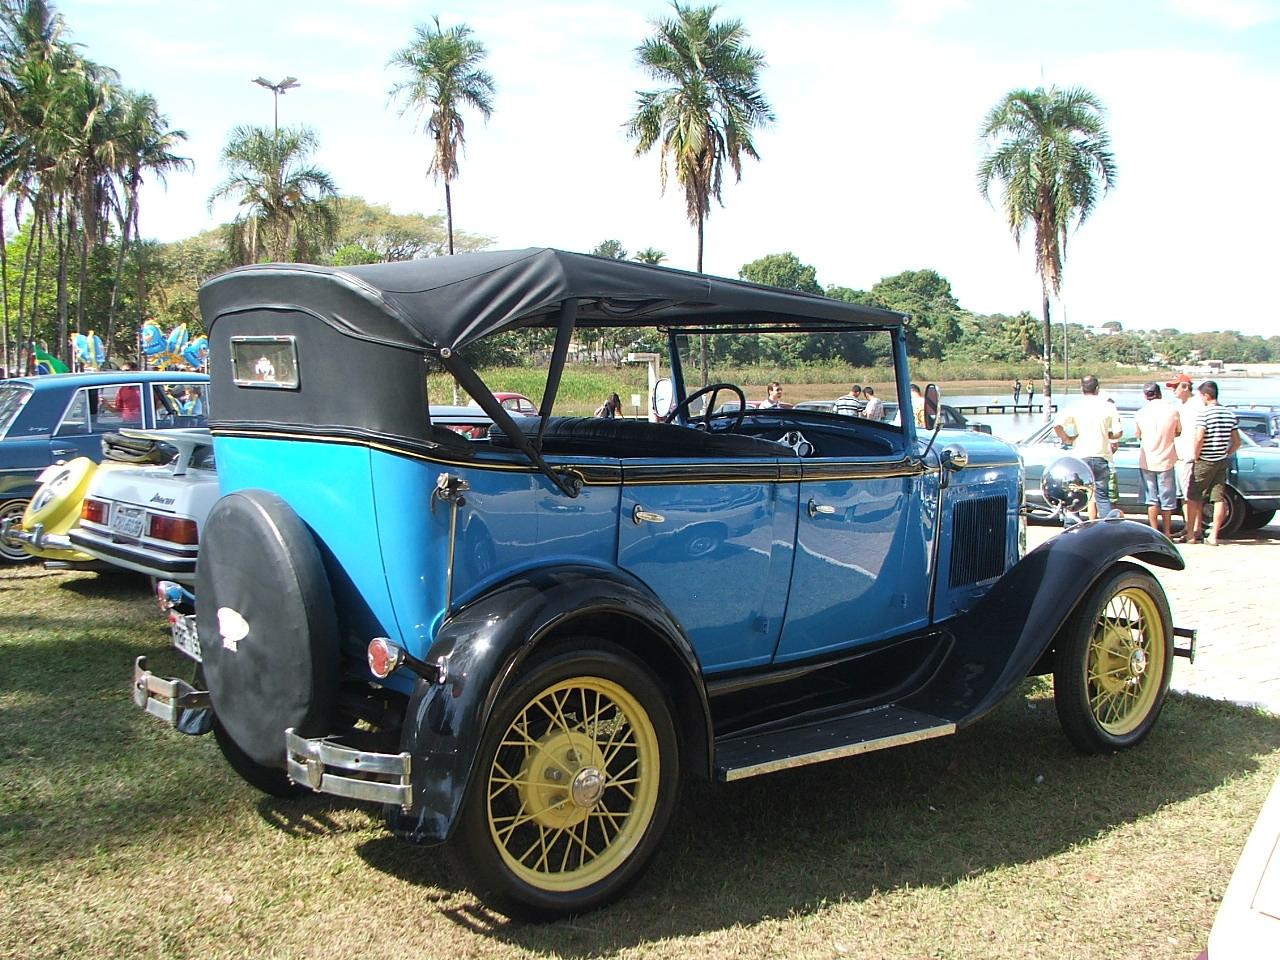 Exposição de Carros antigos - Clube do Antigo Mobilismo de Lagoa da Prata